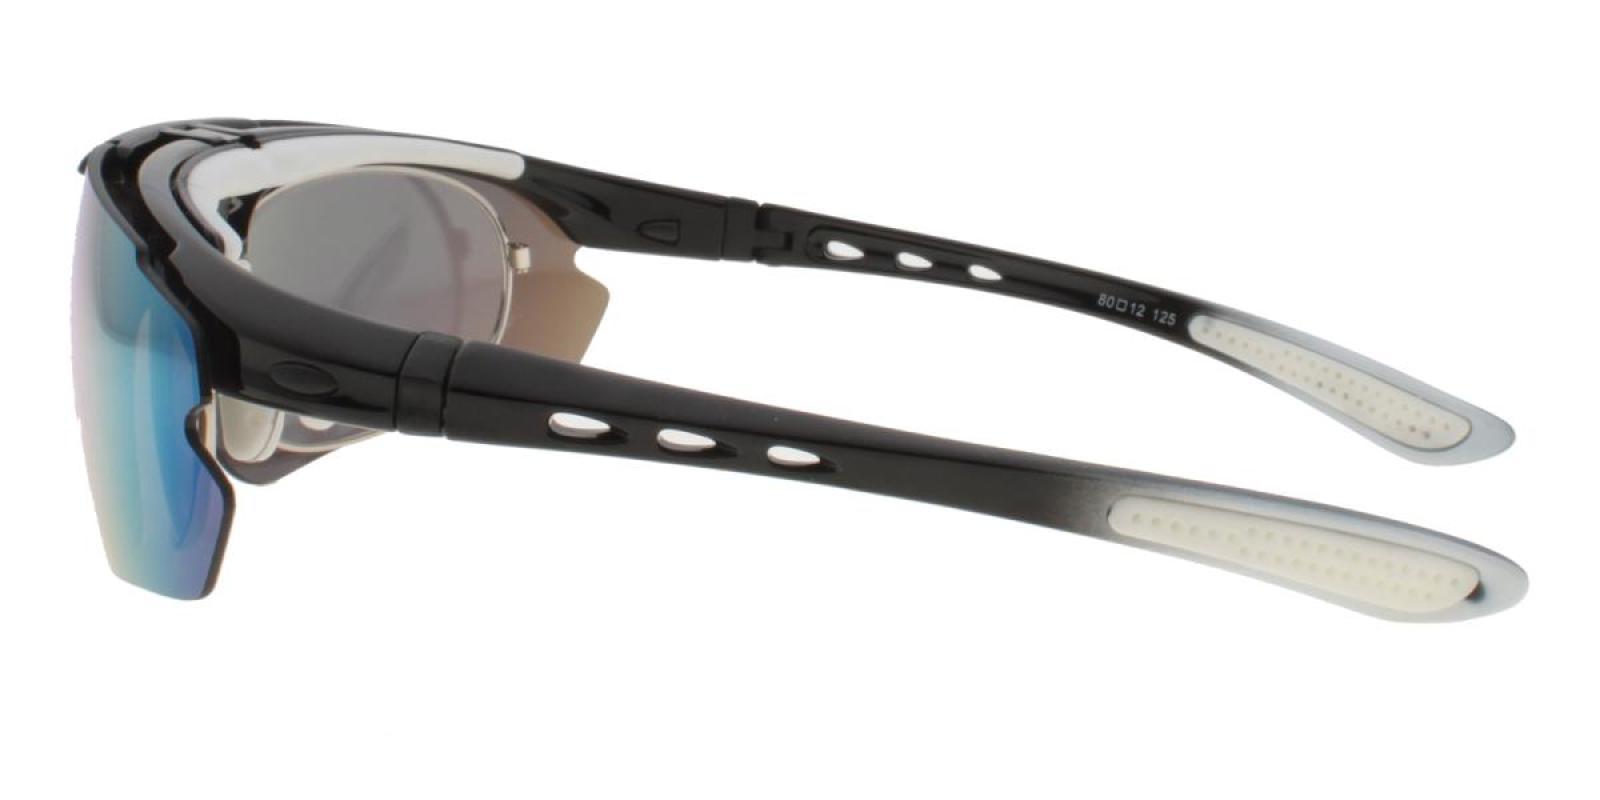 Vigor-White-Square-Plastic-SportsGlasses-detail